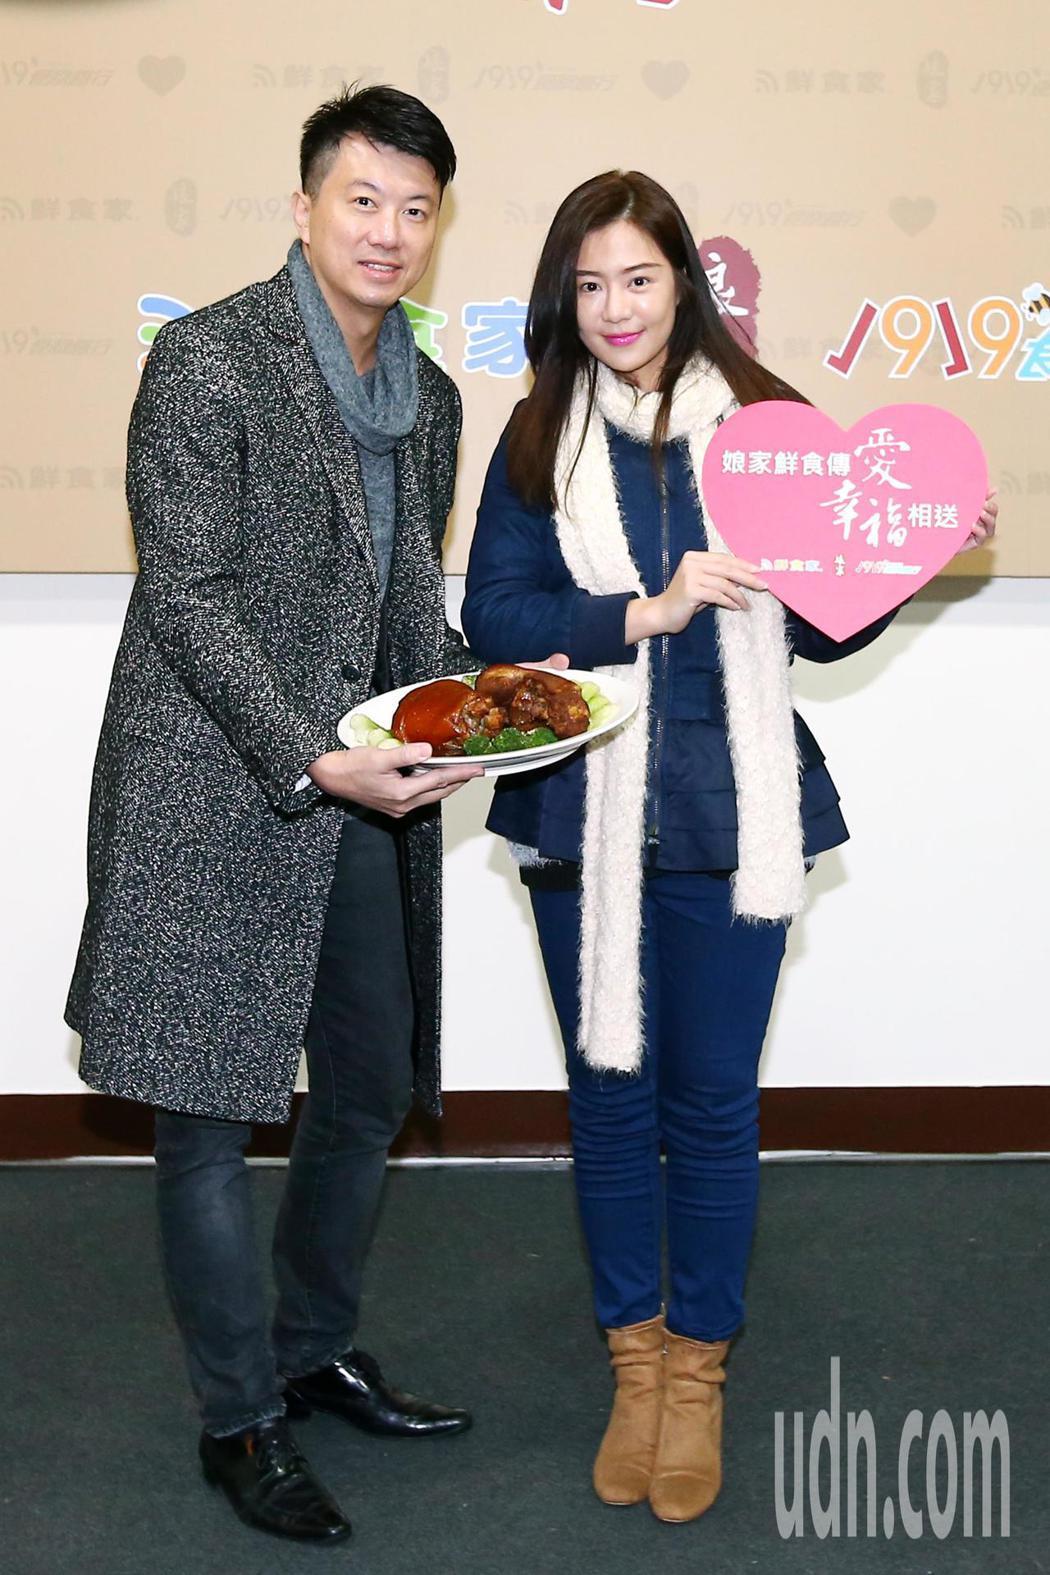 即將結婚的藝人吳皓昇(左)和文汶出席公益活動,邀請大家一起做愛心。記者王騰毅/攝...